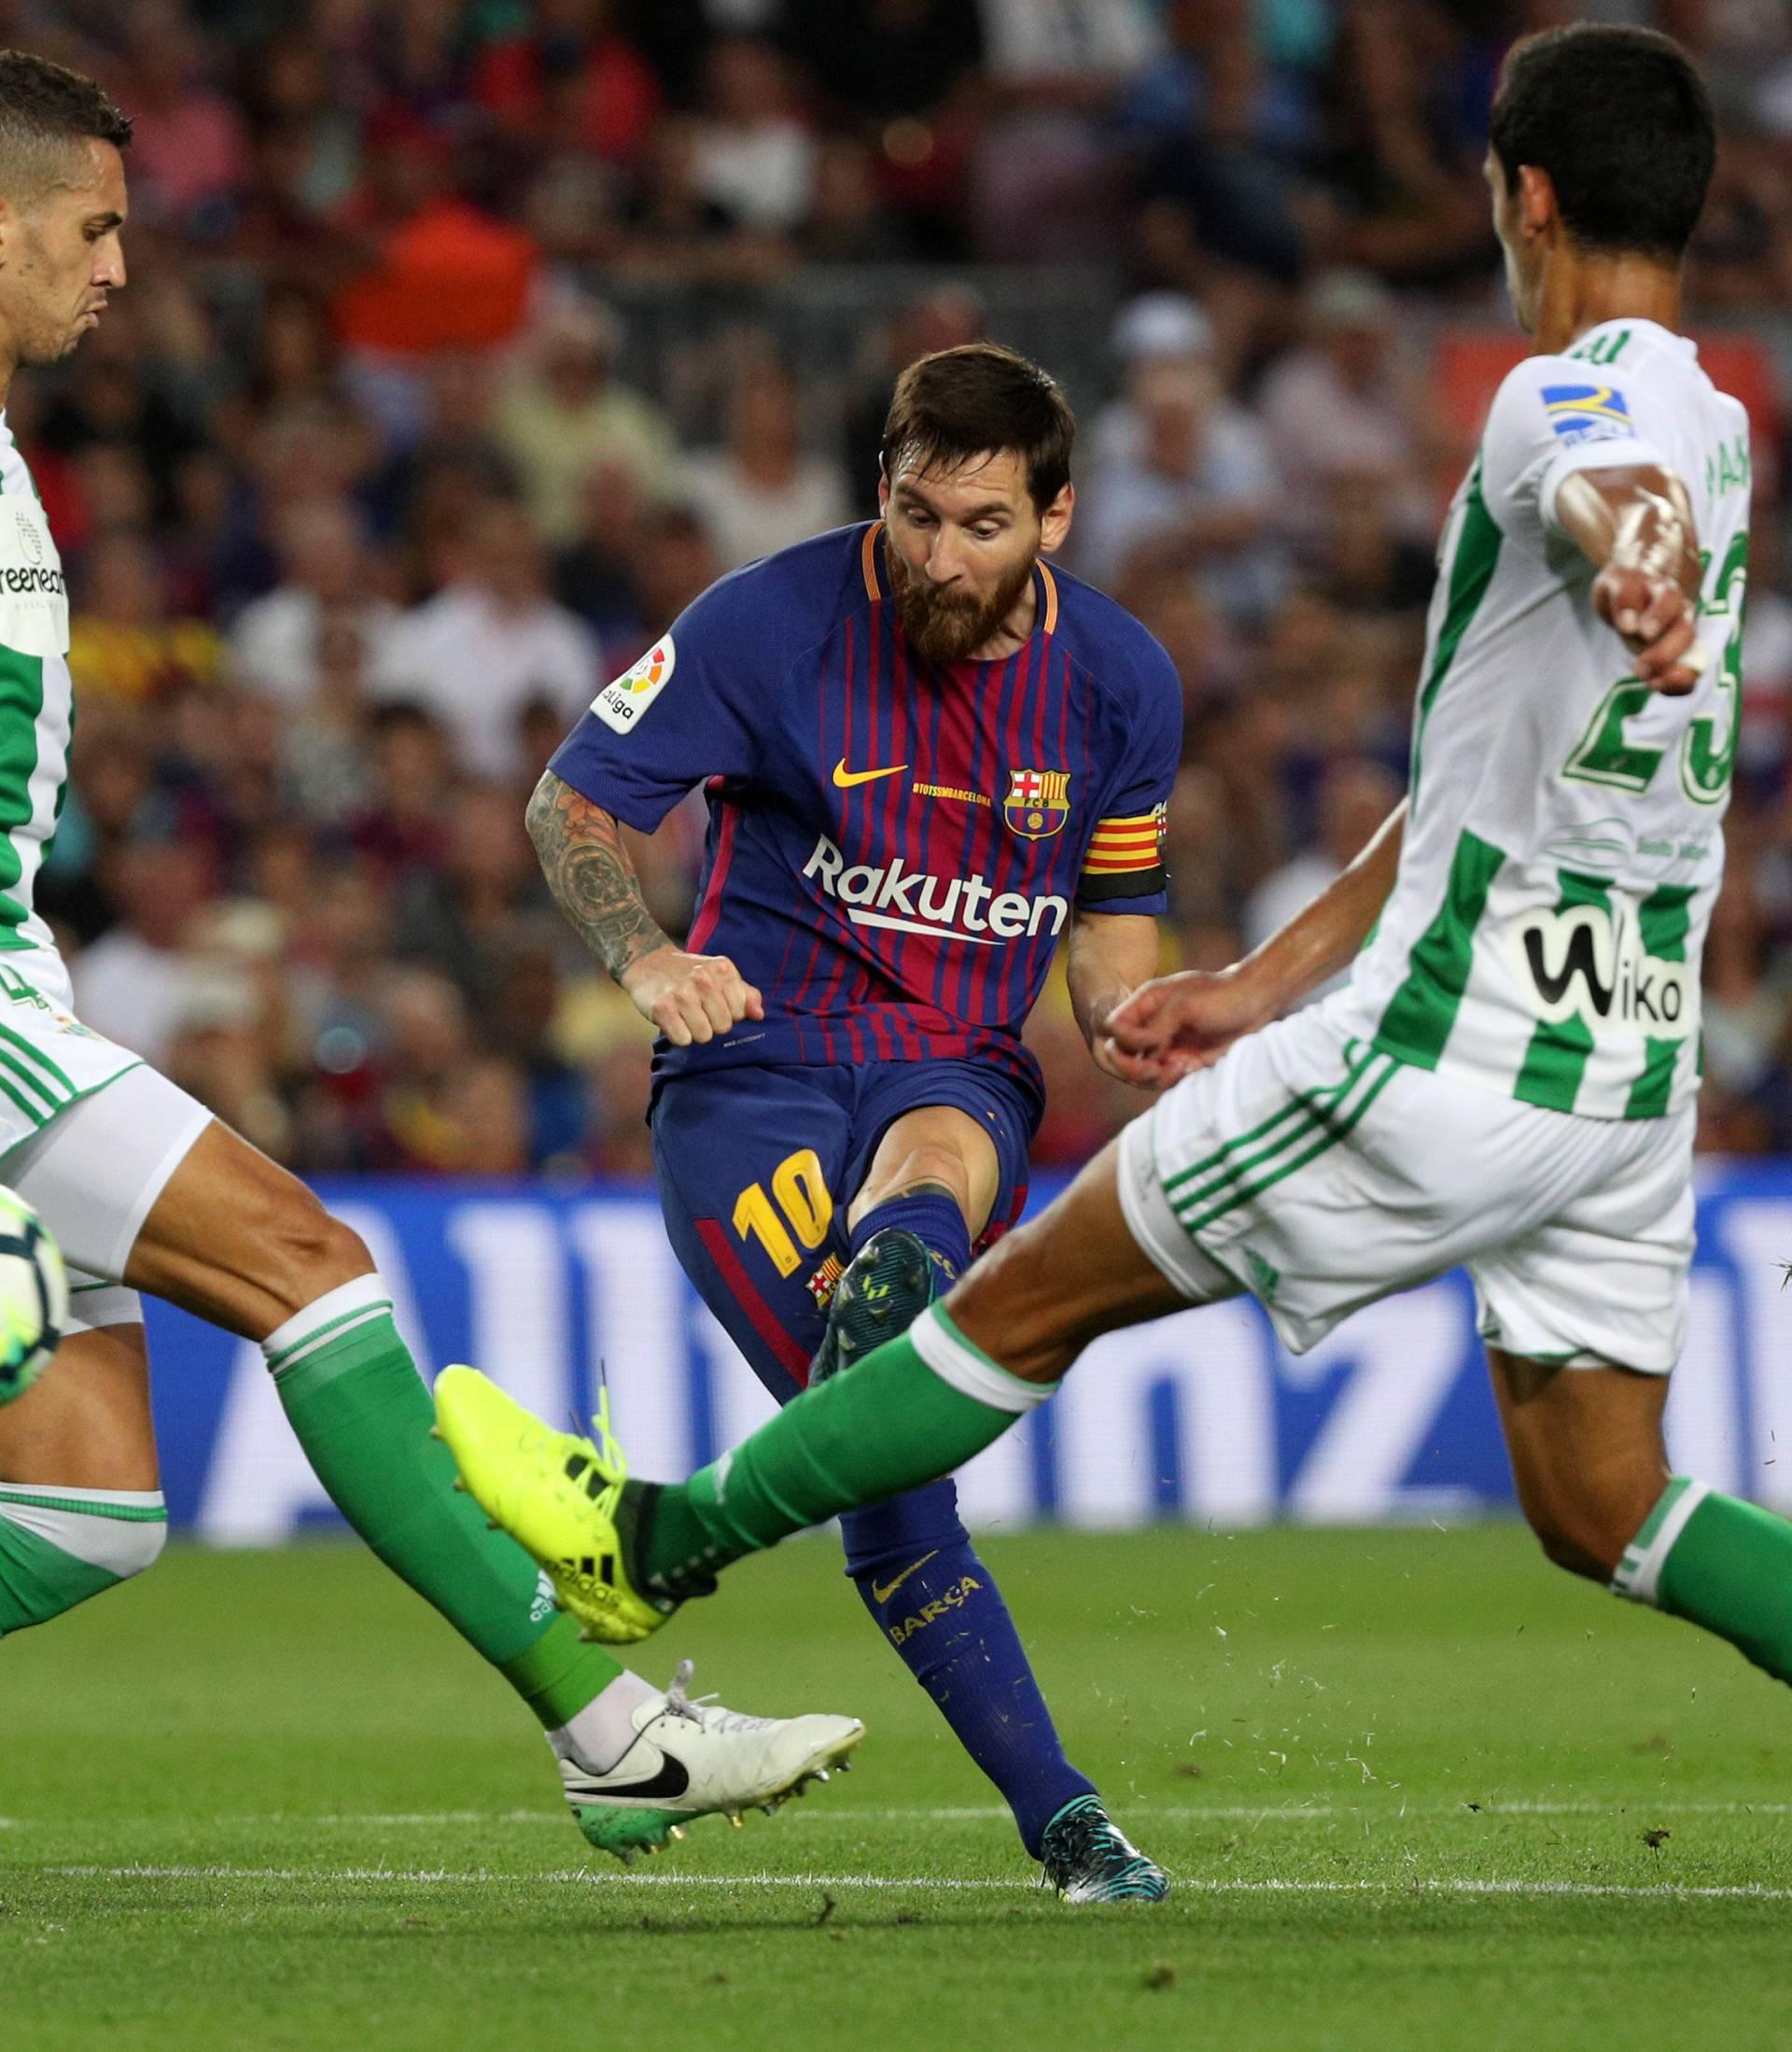 La Liga - Barcelona vs Real Betis